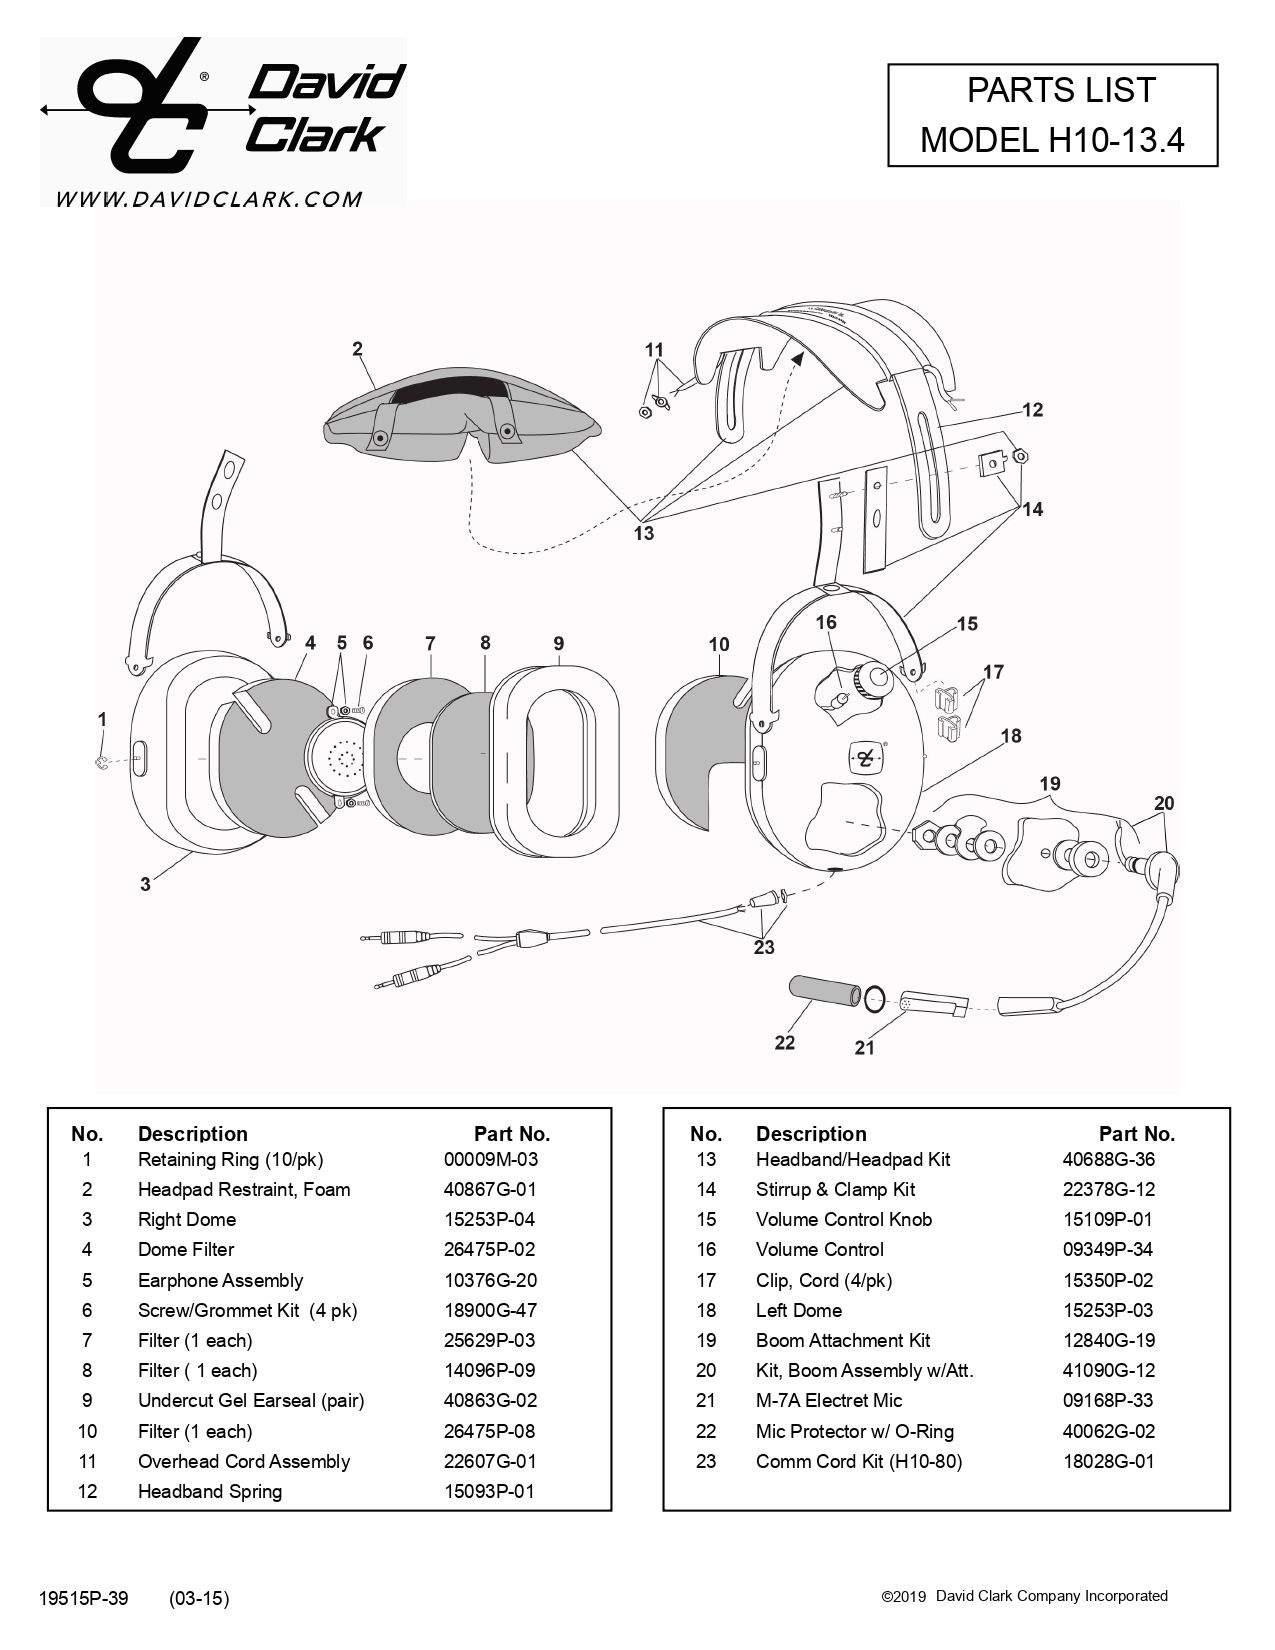 H10-13.4 PARTS LIST BUCKERBOOK